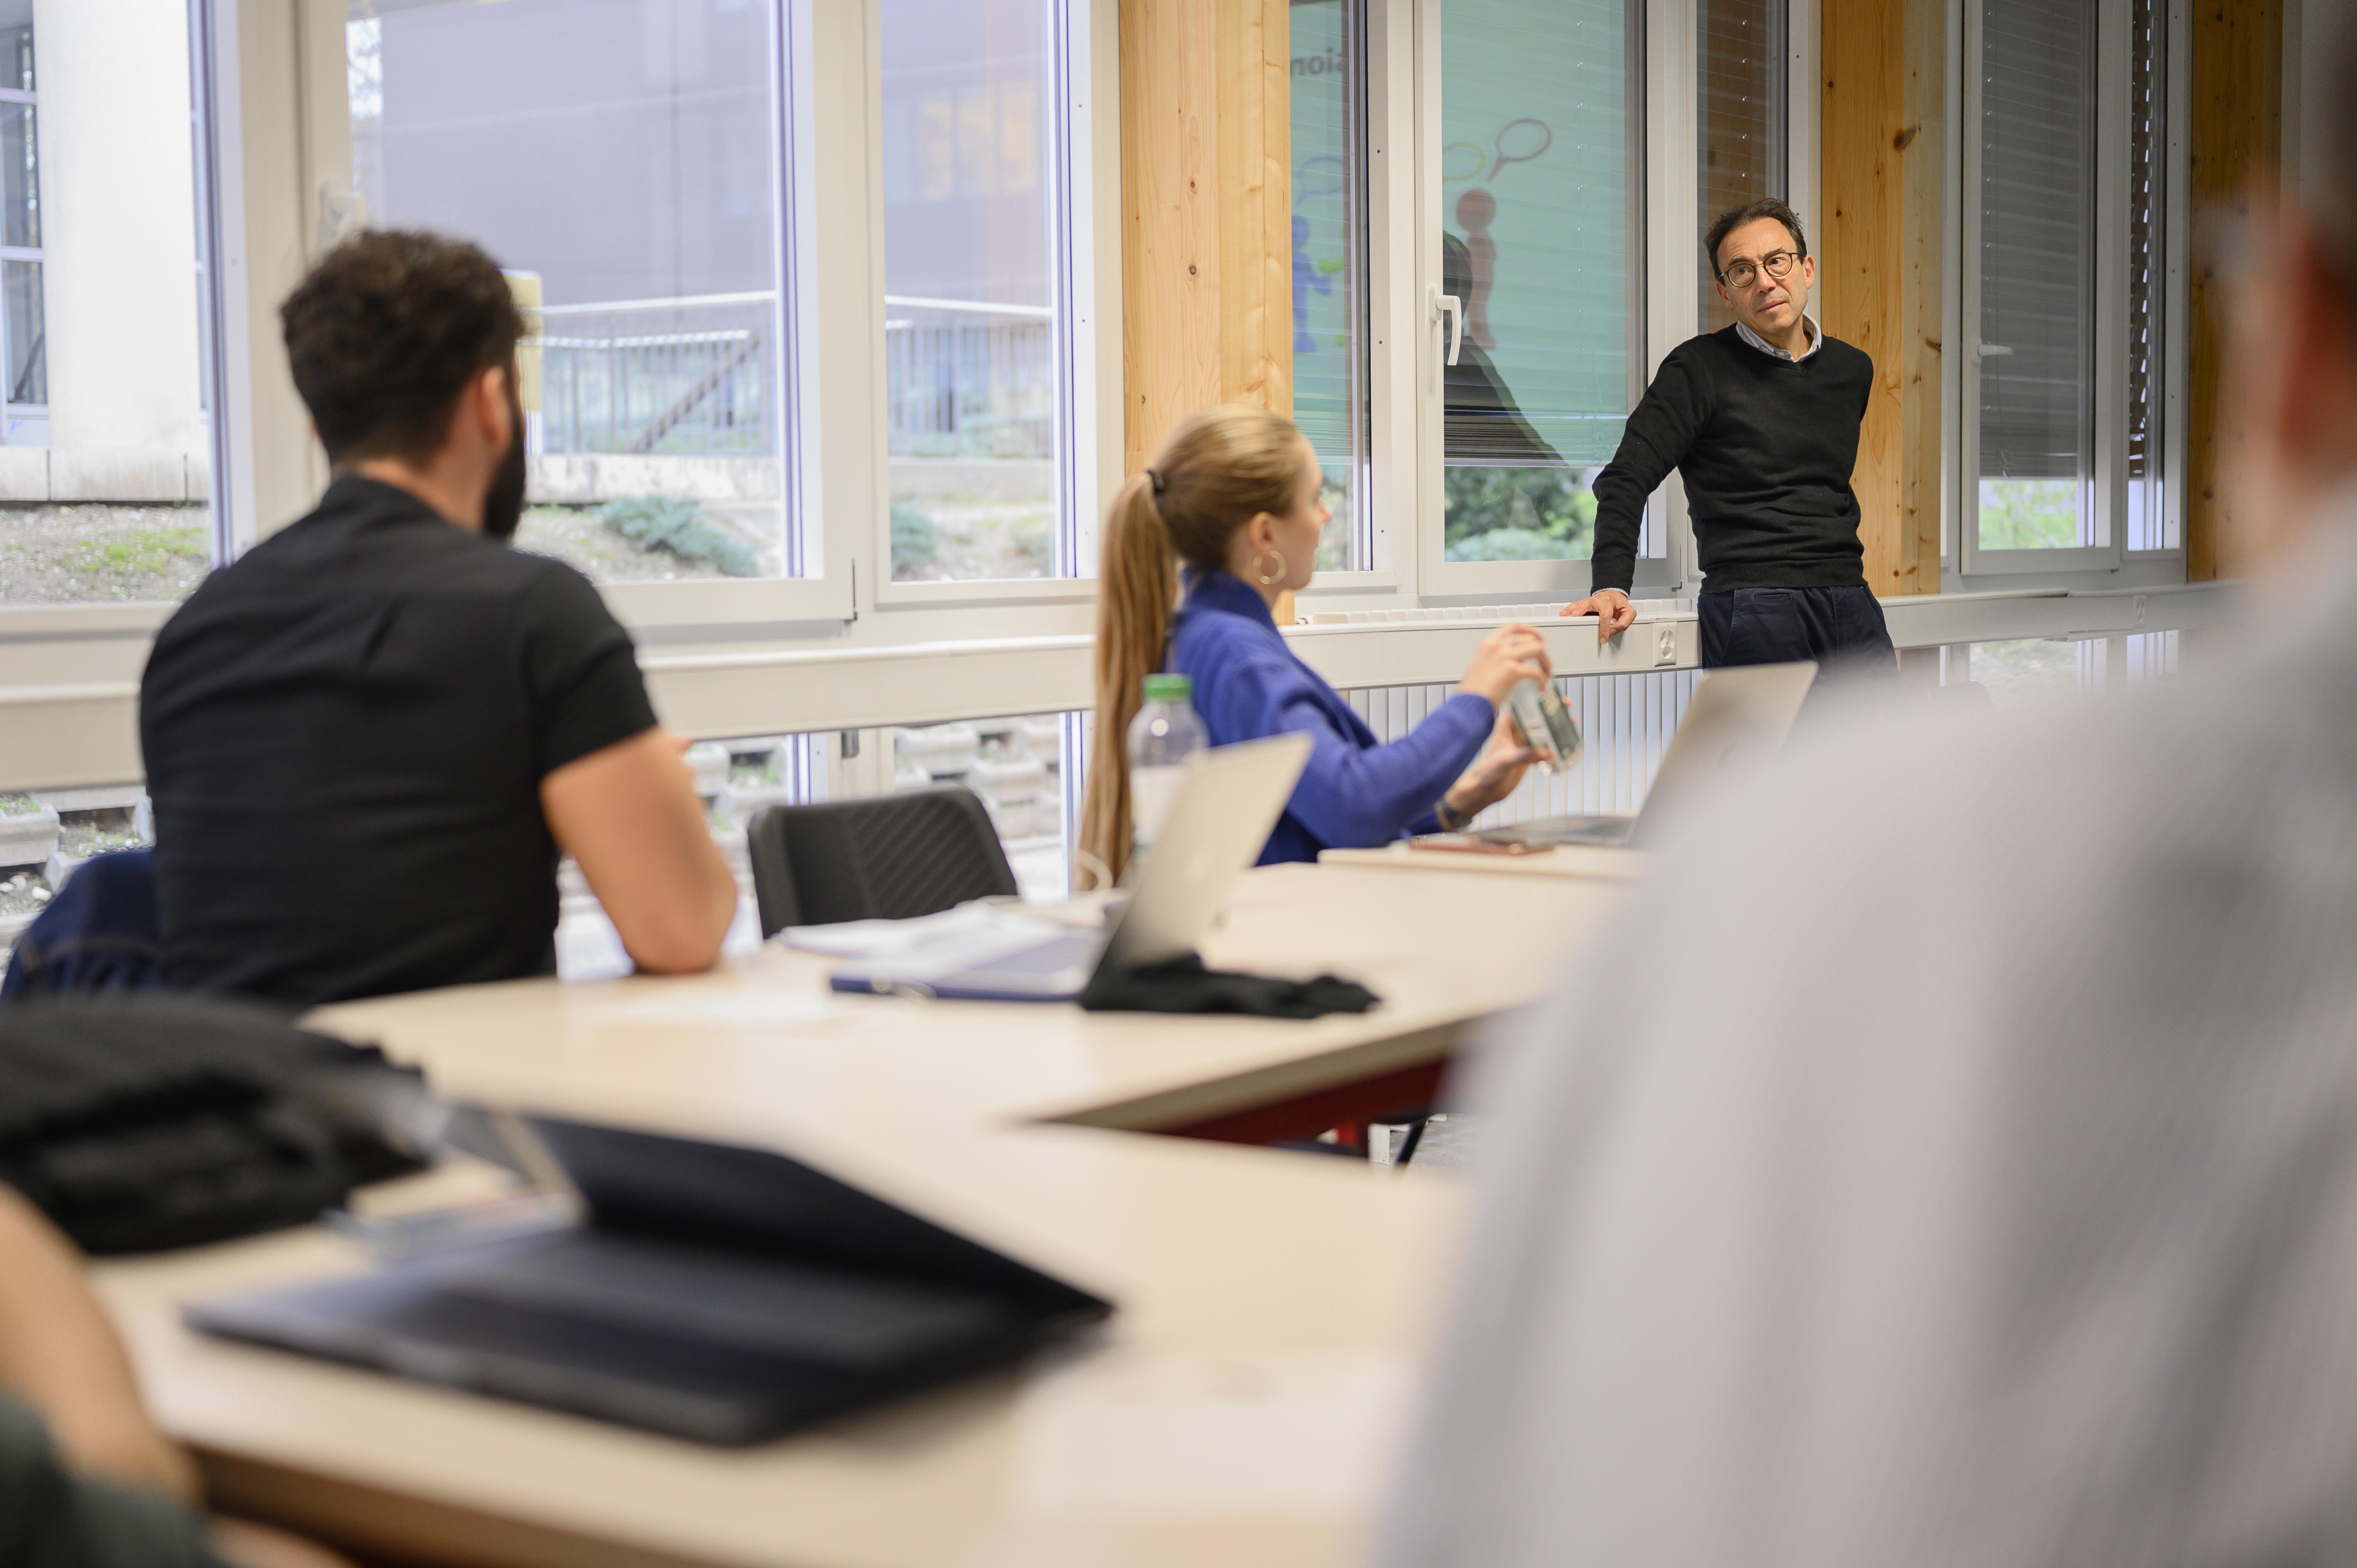 Les enjeux RH dans les startups: entre attractivité et motivation